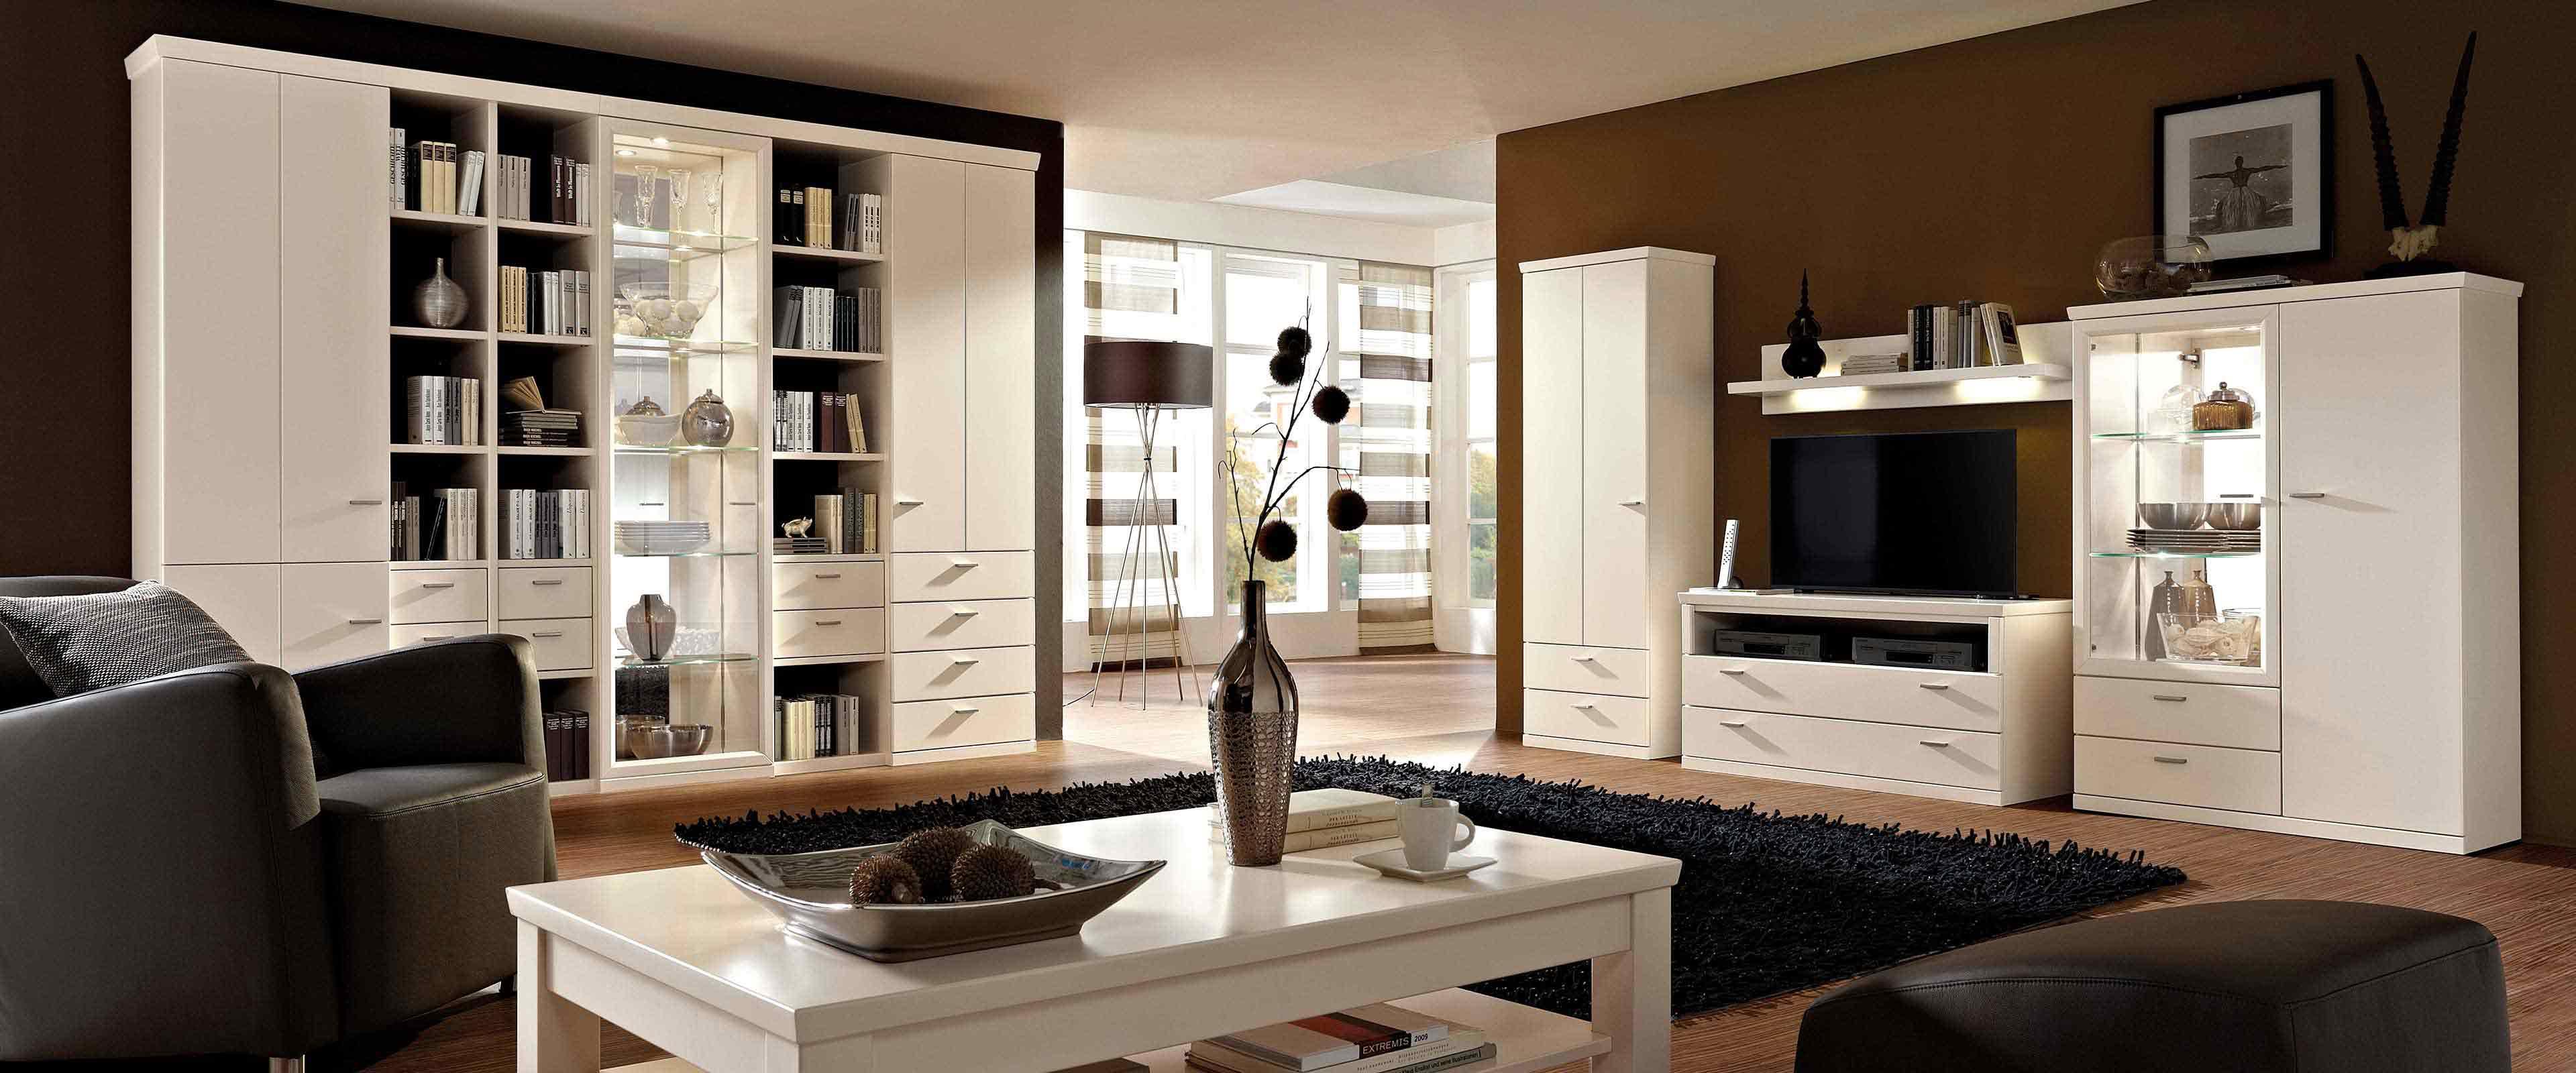 dacapo m bel wohnzimmer rmw wohnm. Black Bedroom Furniture Sets. Home Design Ideas